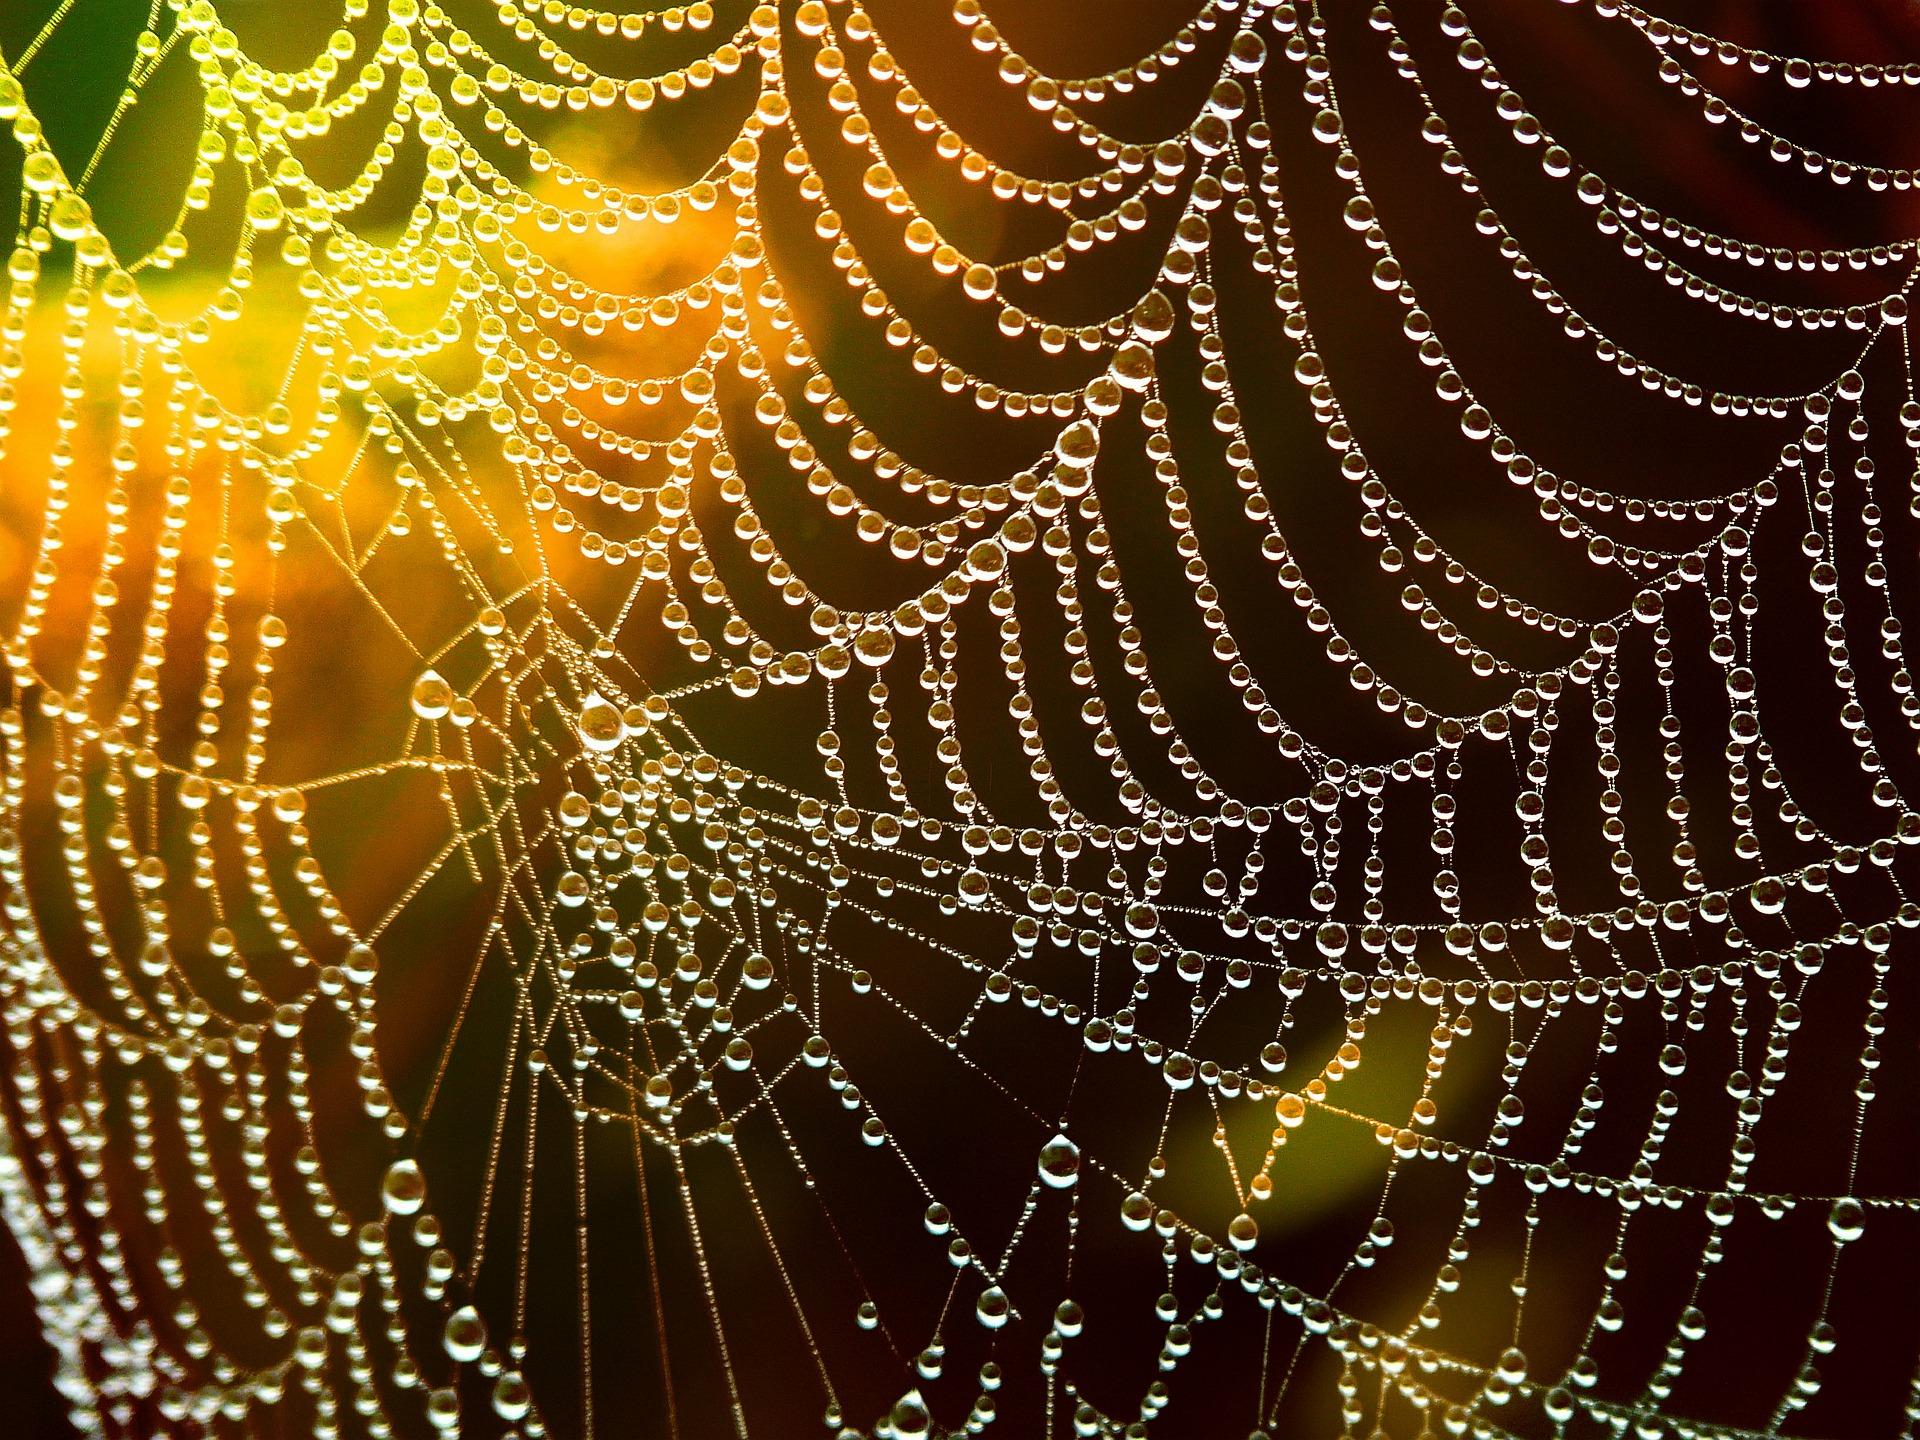 Spinnennetz pixabay